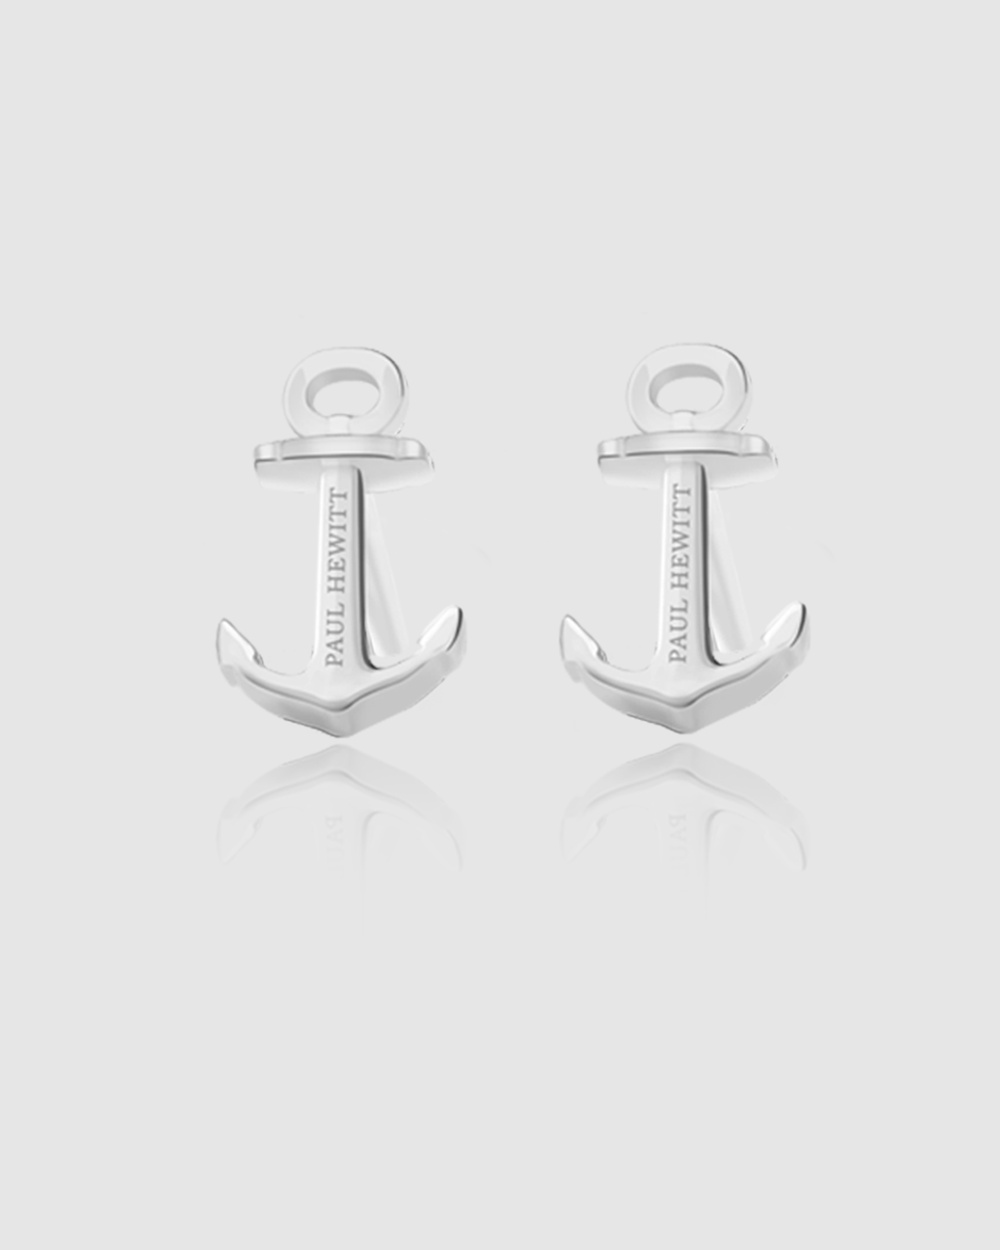 Paul Hewitt Northern Delight Earrings Jewellery Silver